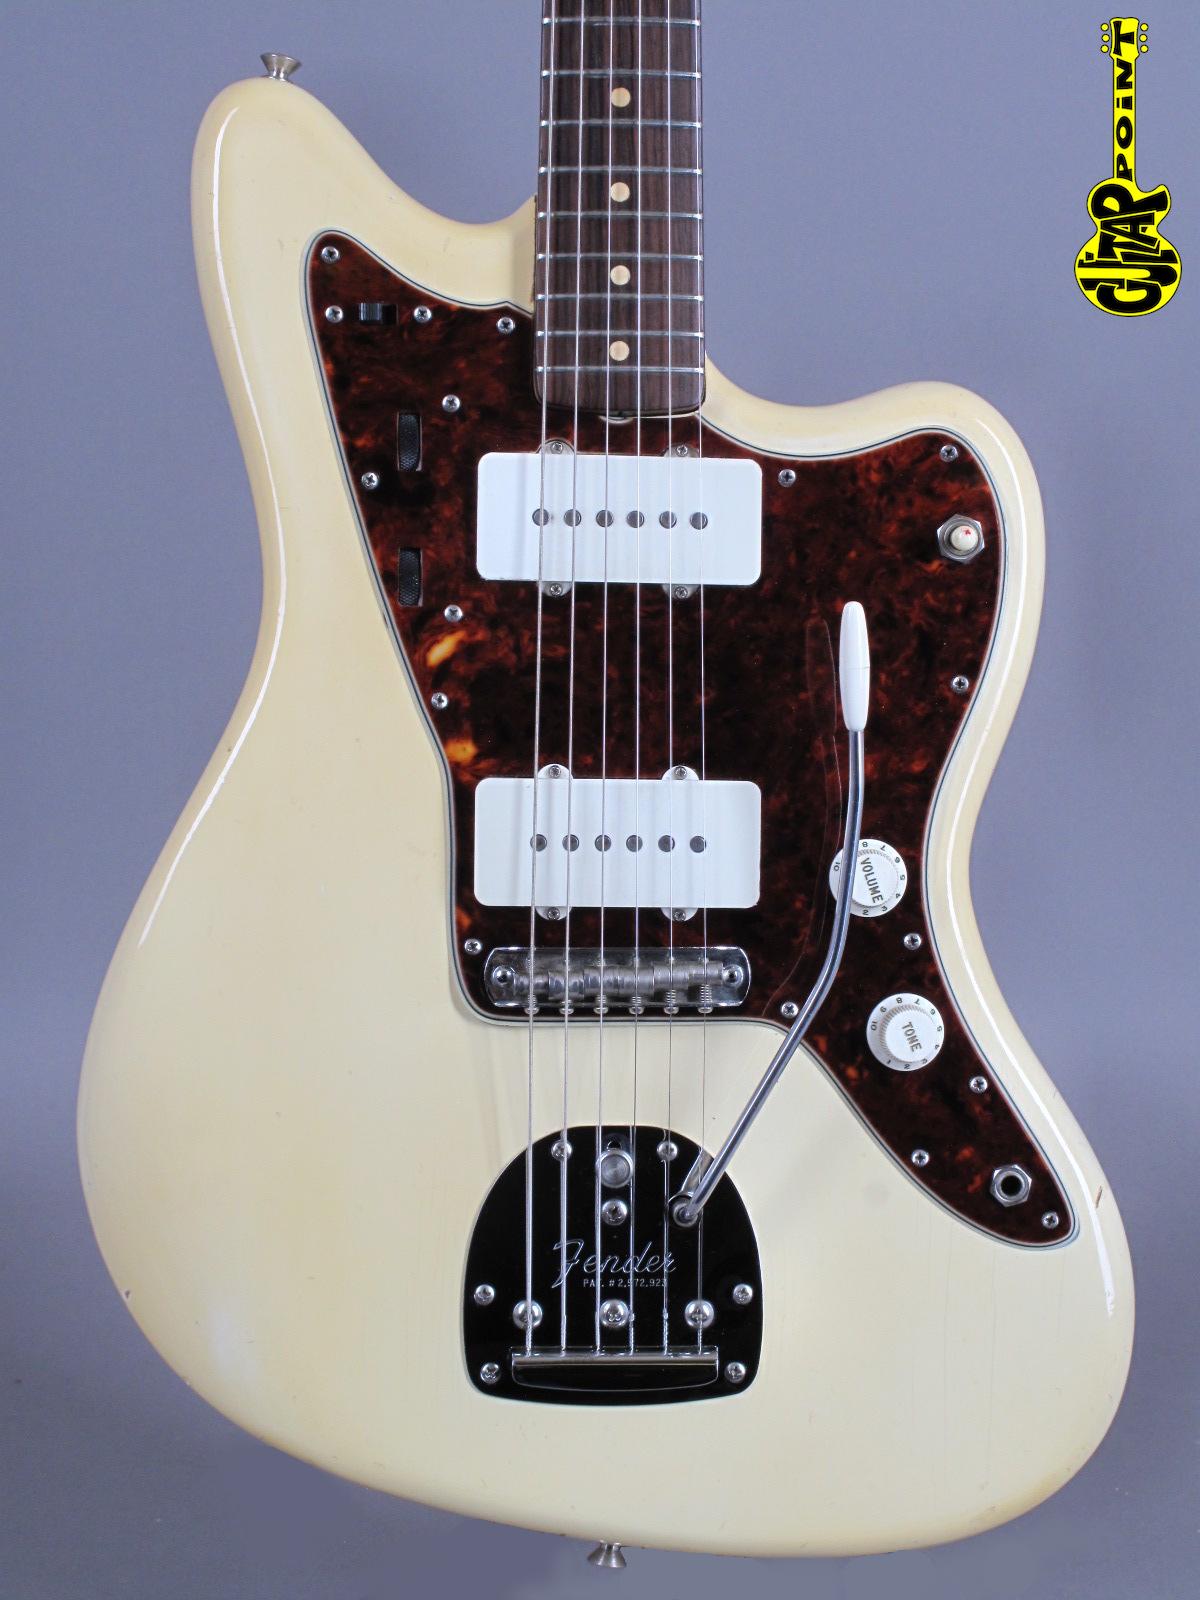 1964 Fender Jazzmaster - Olympic White